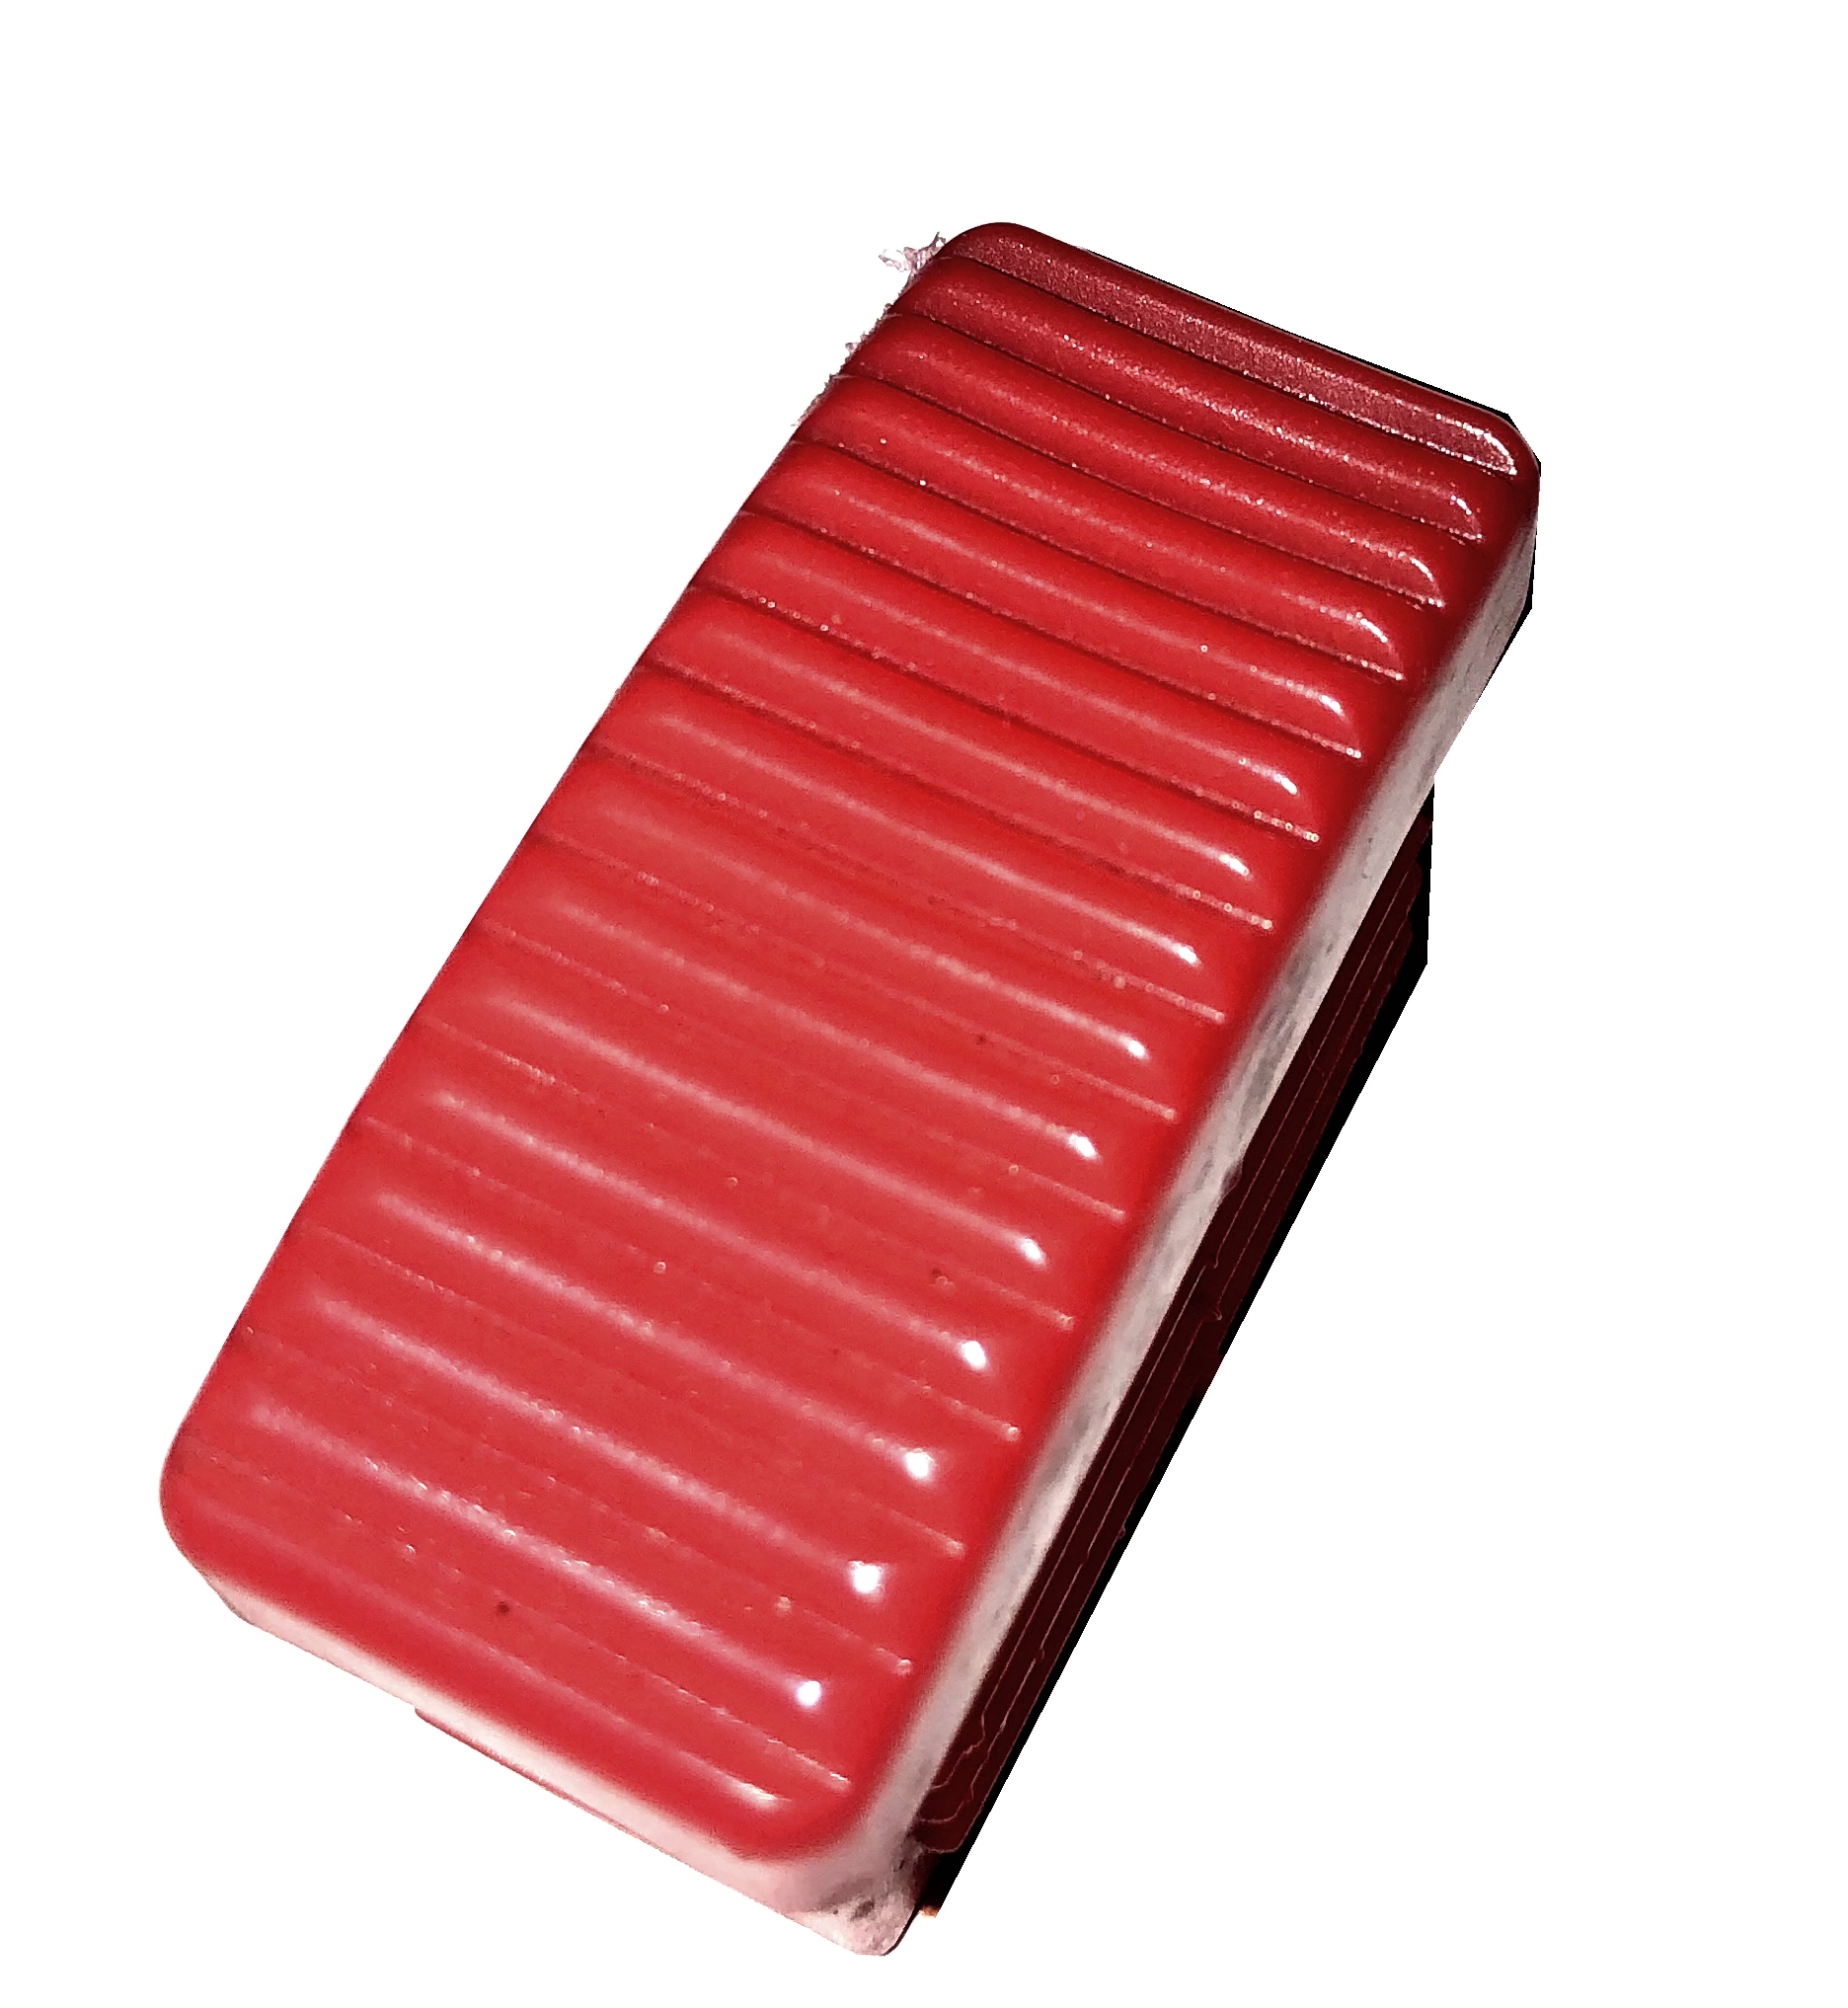 Part.001 Insteekdop rood voor binnenladder rood bovenkant